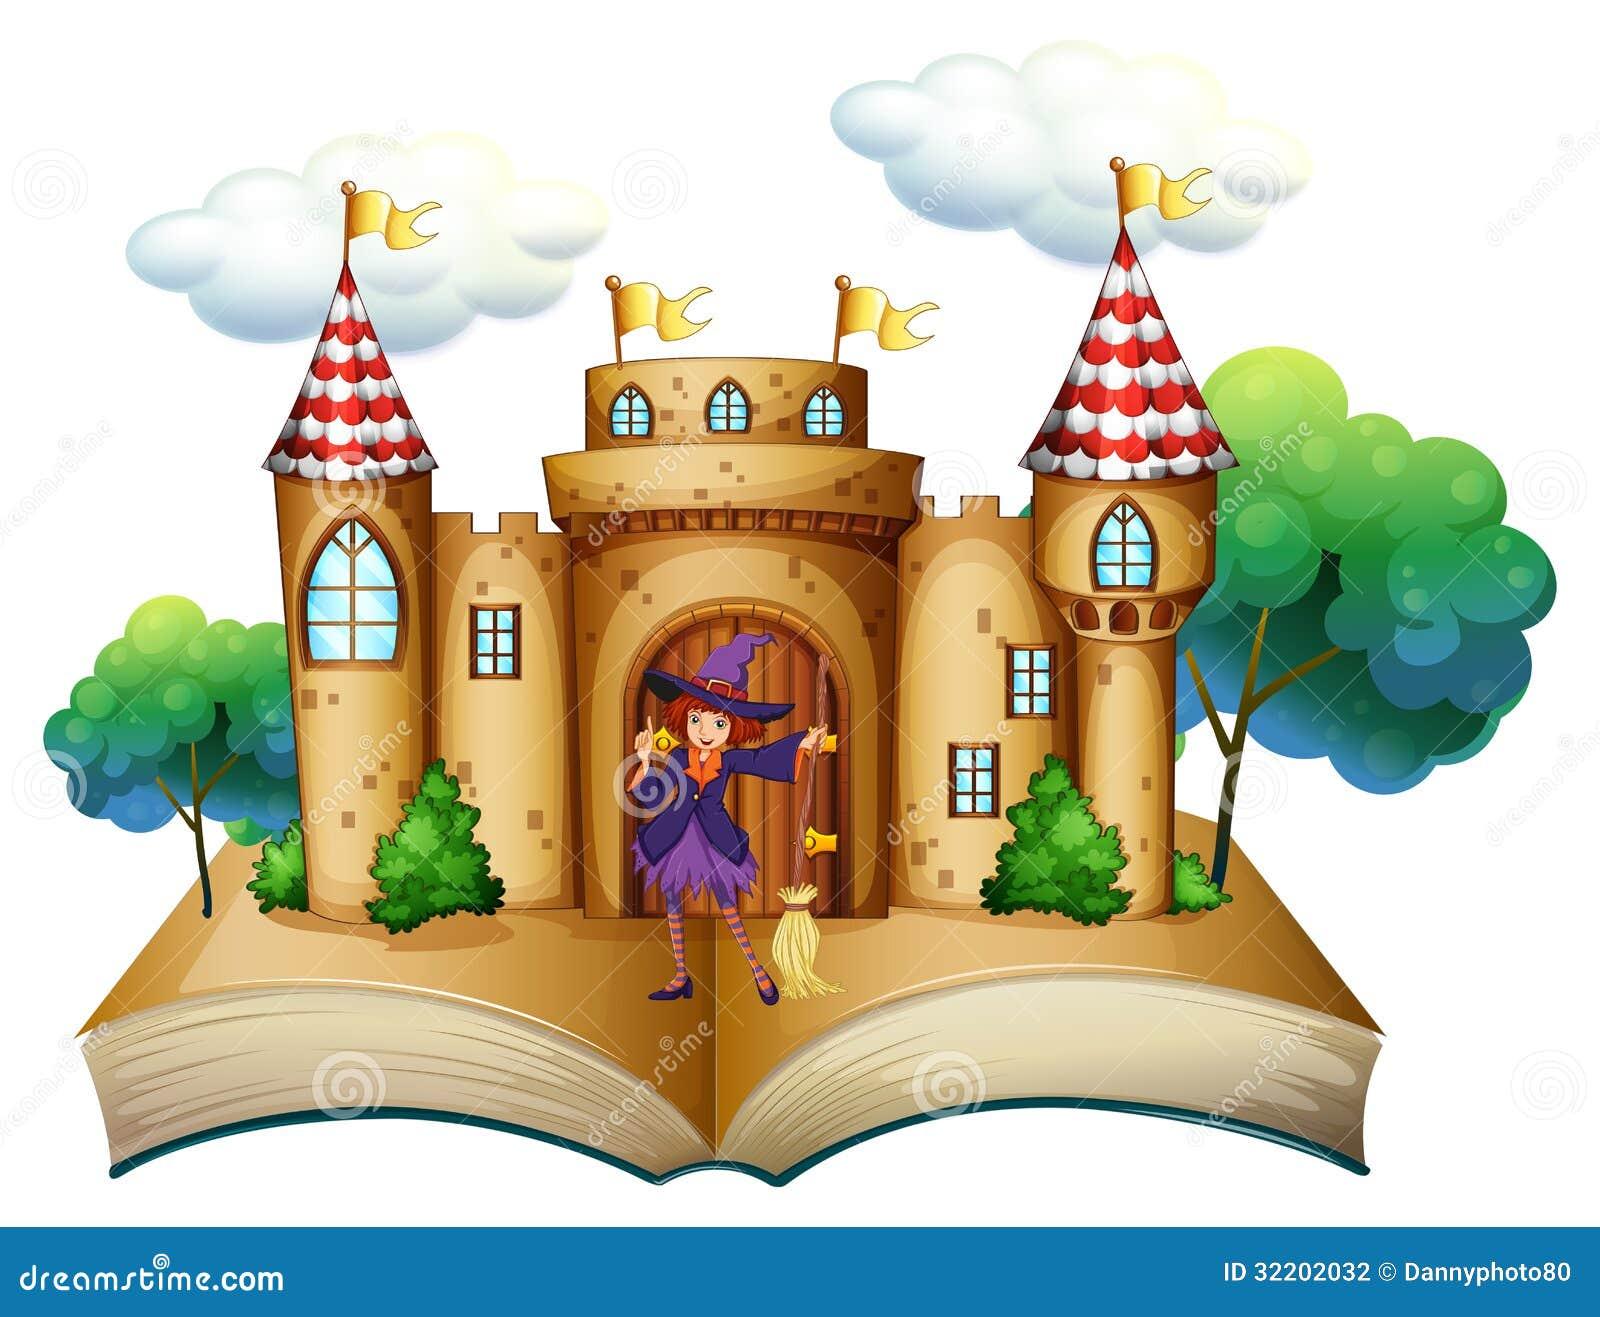 Un guión con un castillo y una bruja